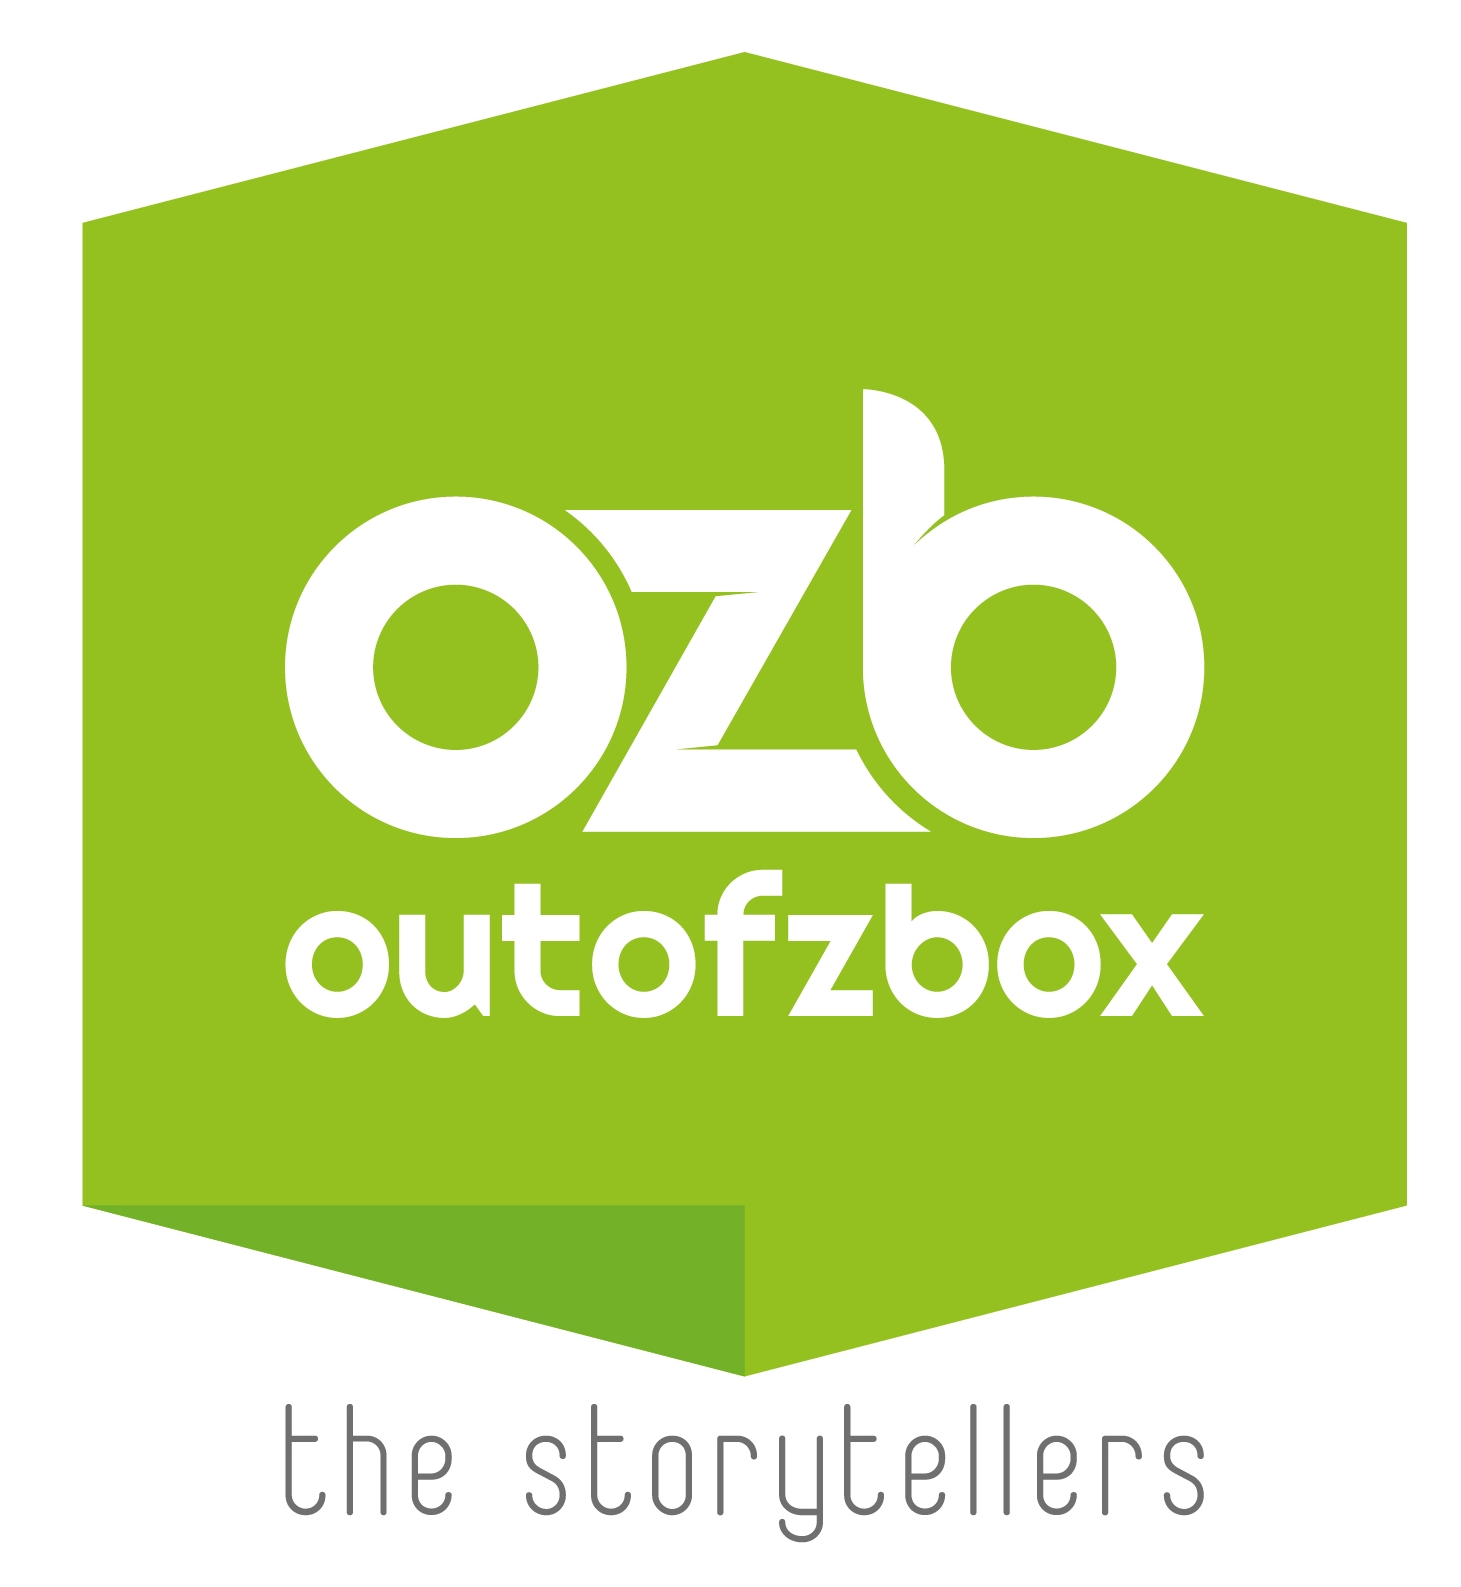 outofzbox